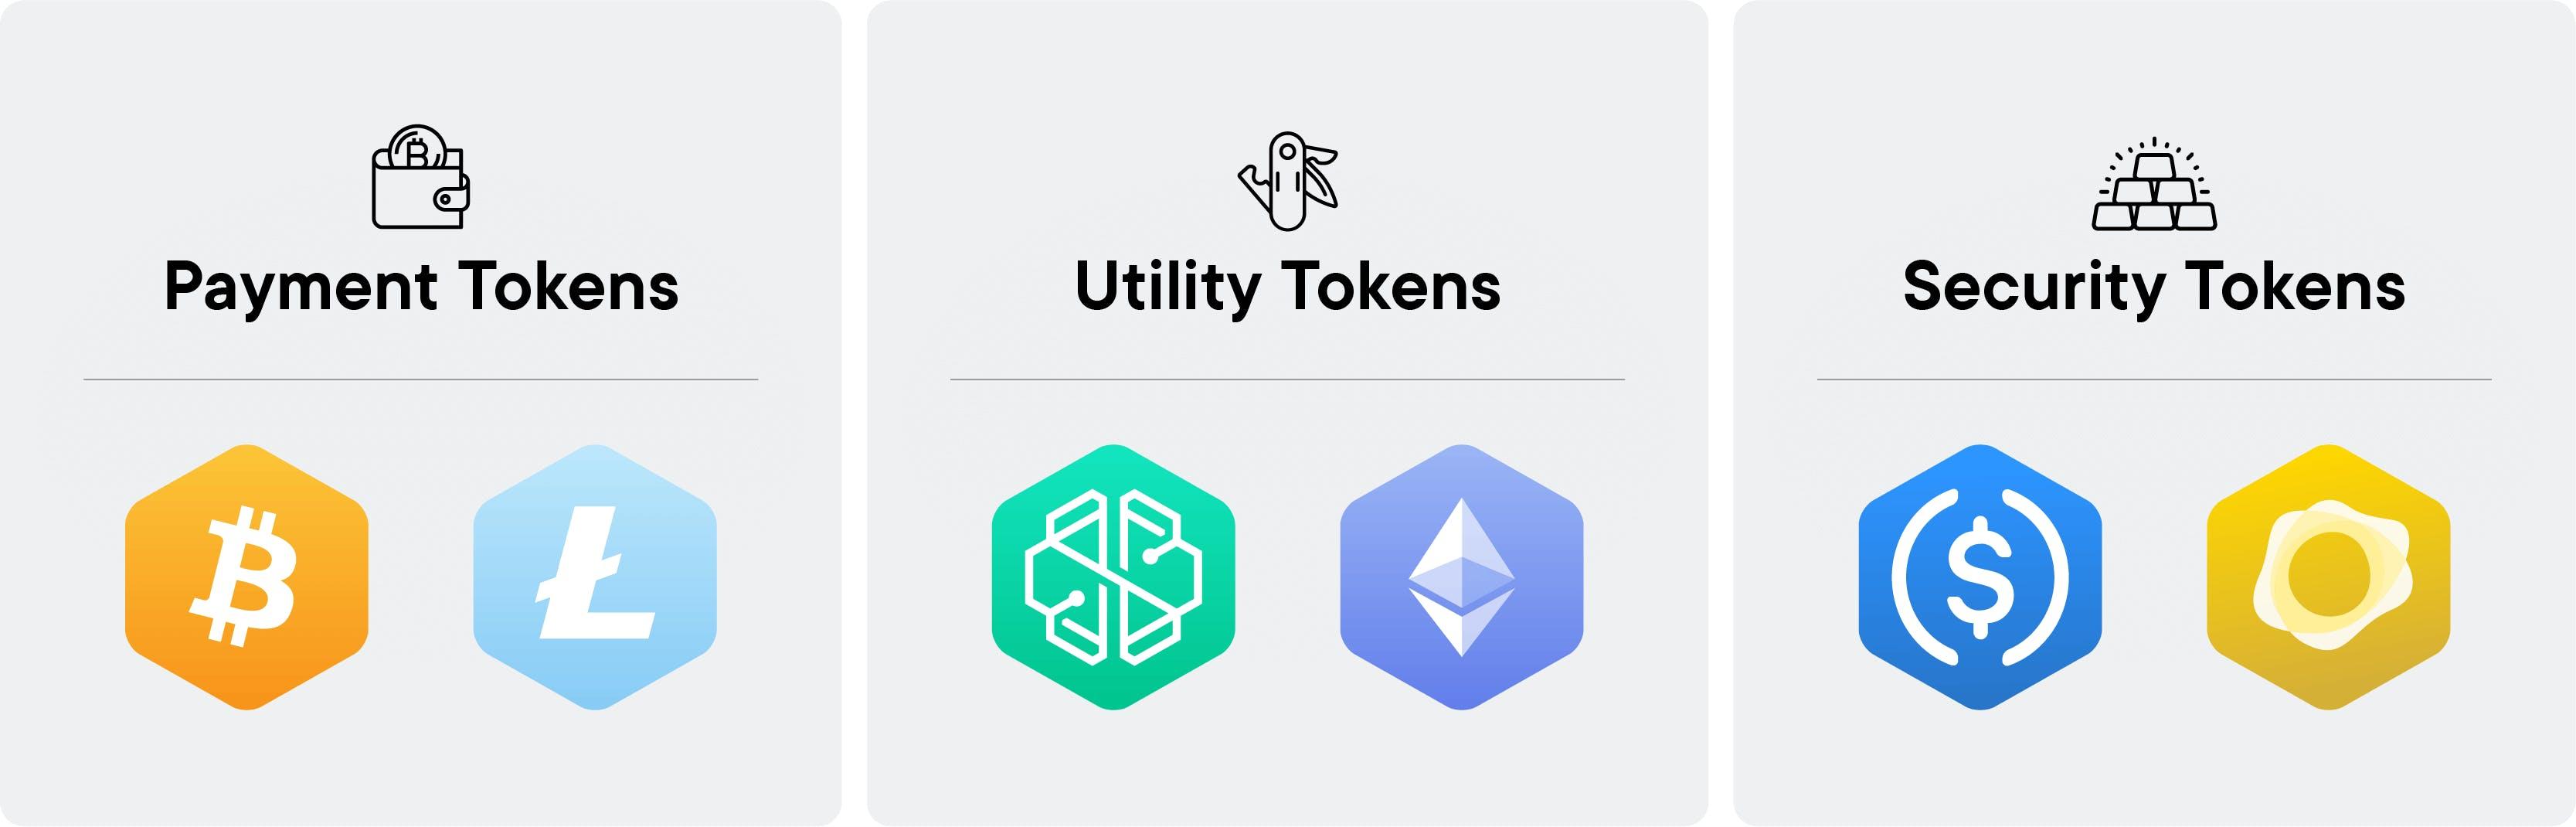 Utility Tokens Types